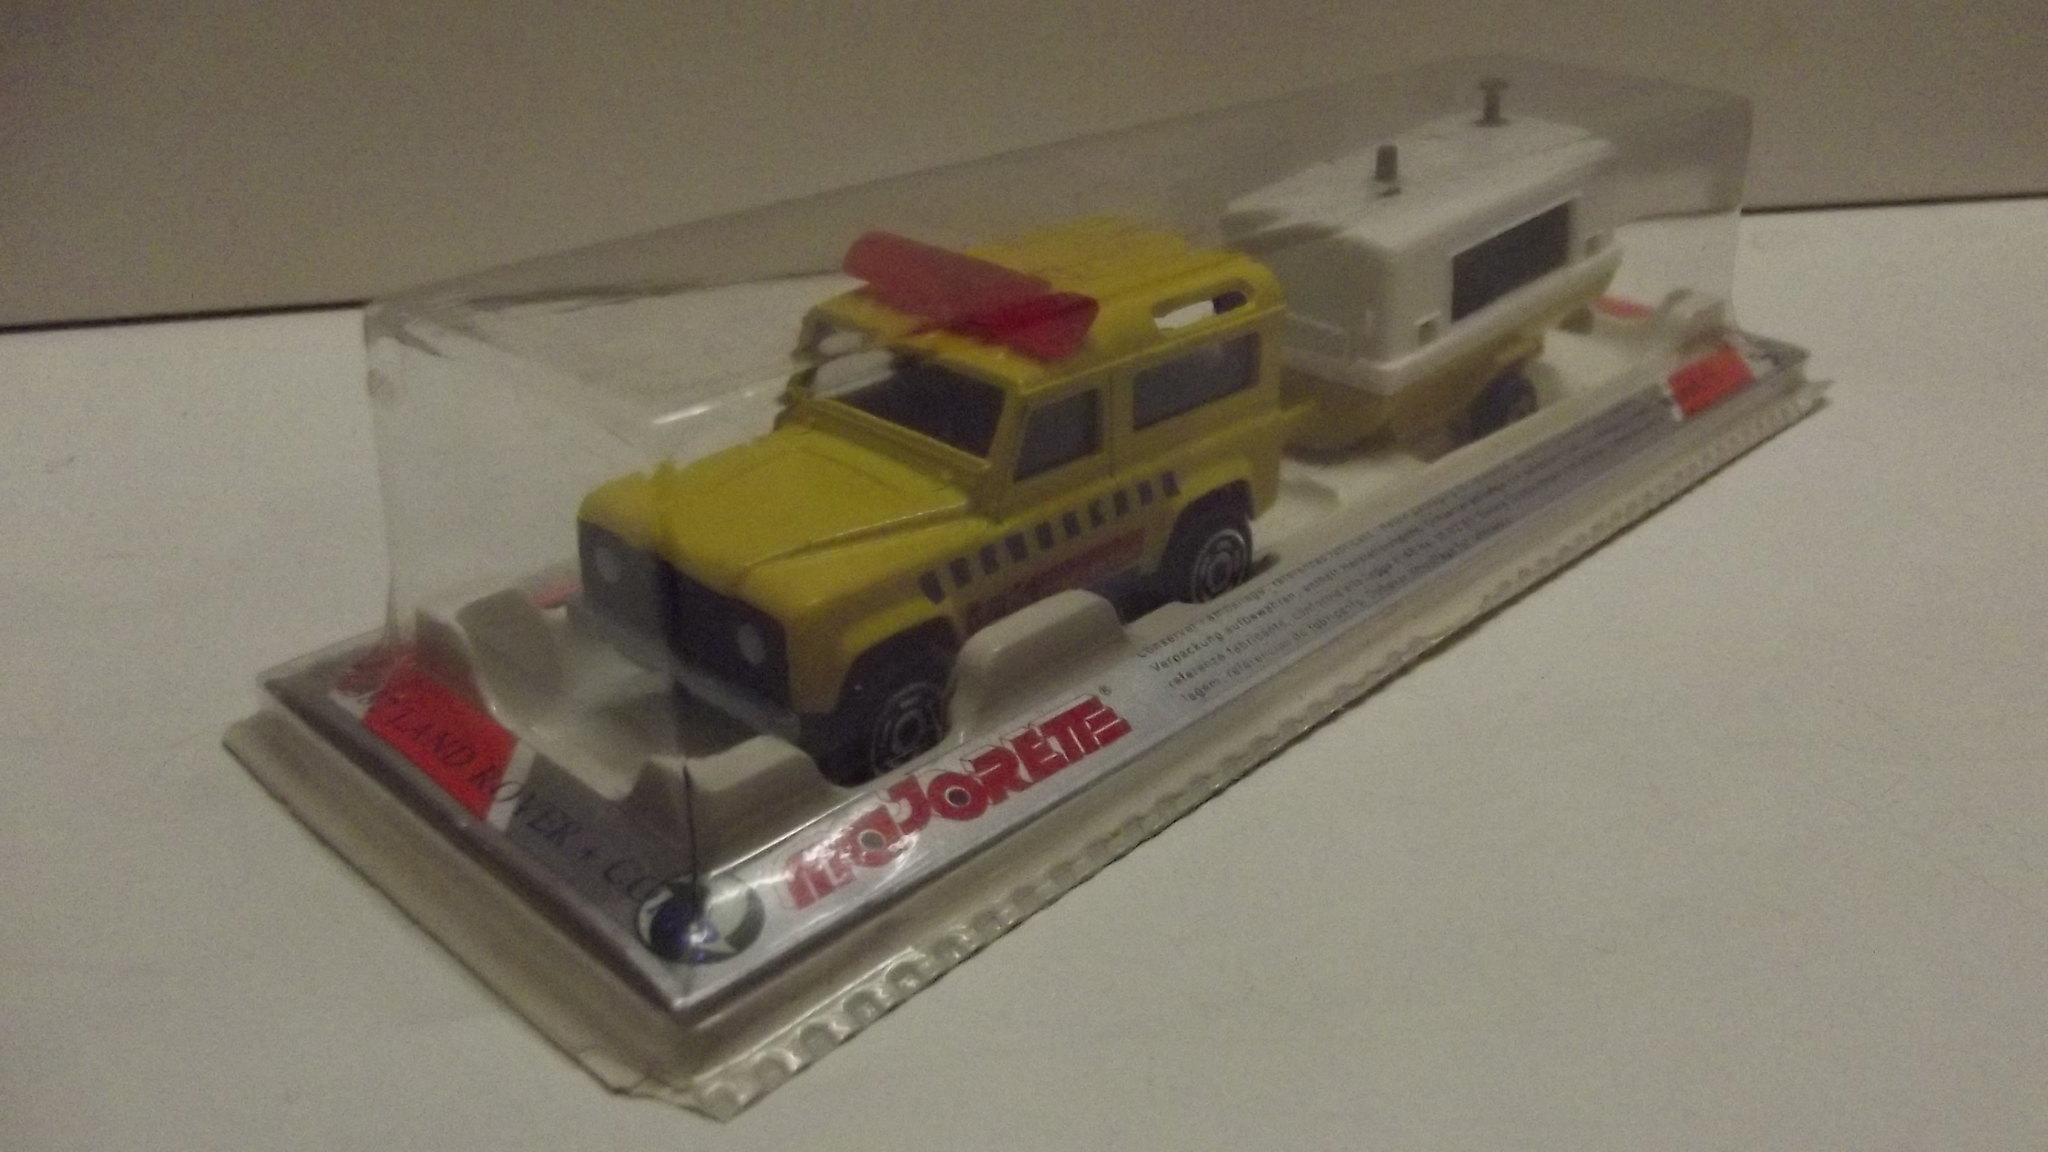 N°382 Land Rover + Compresseur  33010160802_849c7c1376_k